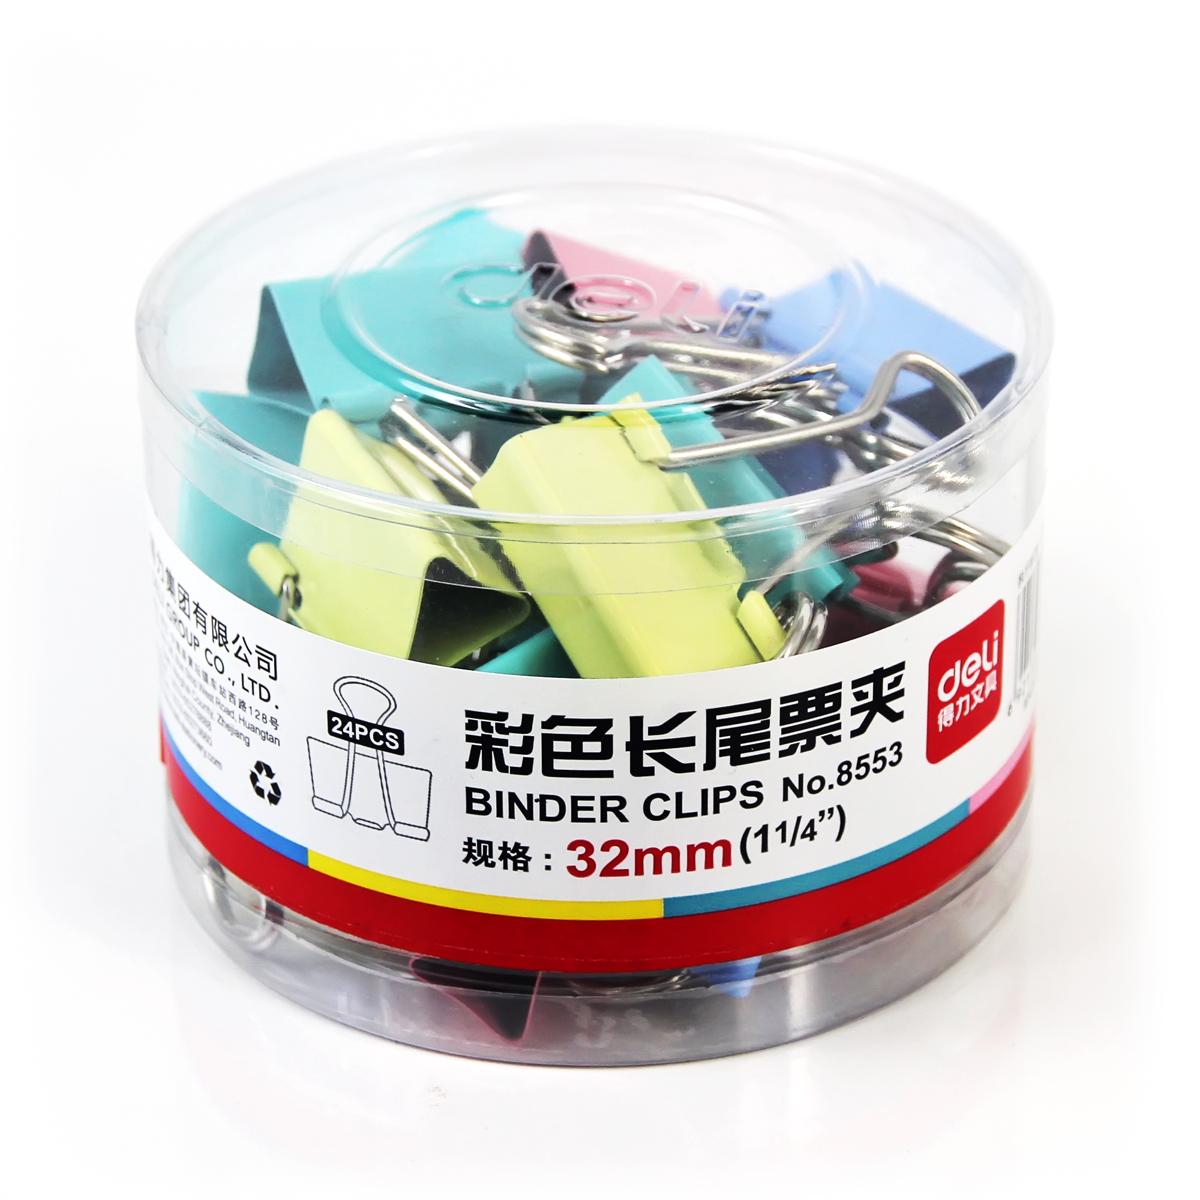 得力(deli)8553办公用品 32mm彩色长尾夹子/燕尾夹子/票据夹子 中号 24只/筒